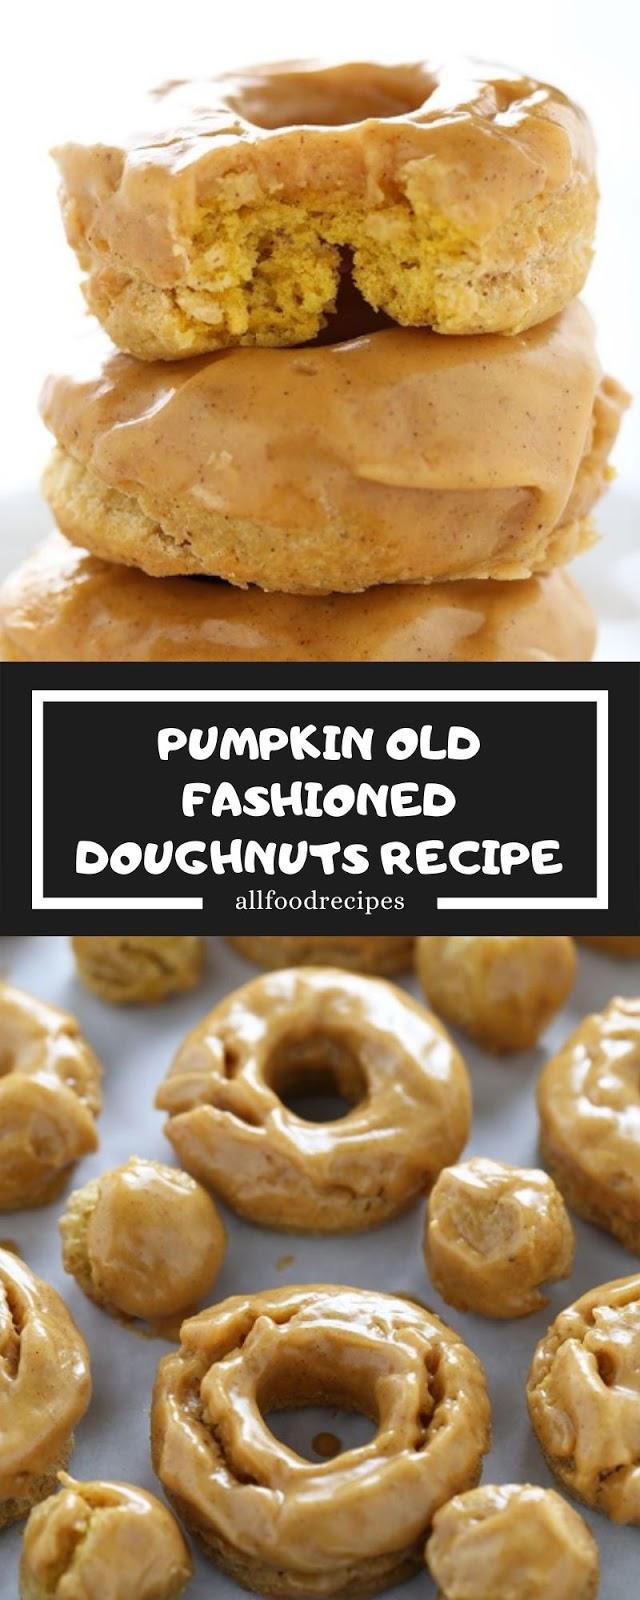 PUMPKIN OLD FASHIONED DOUGHNUTS RECIPE